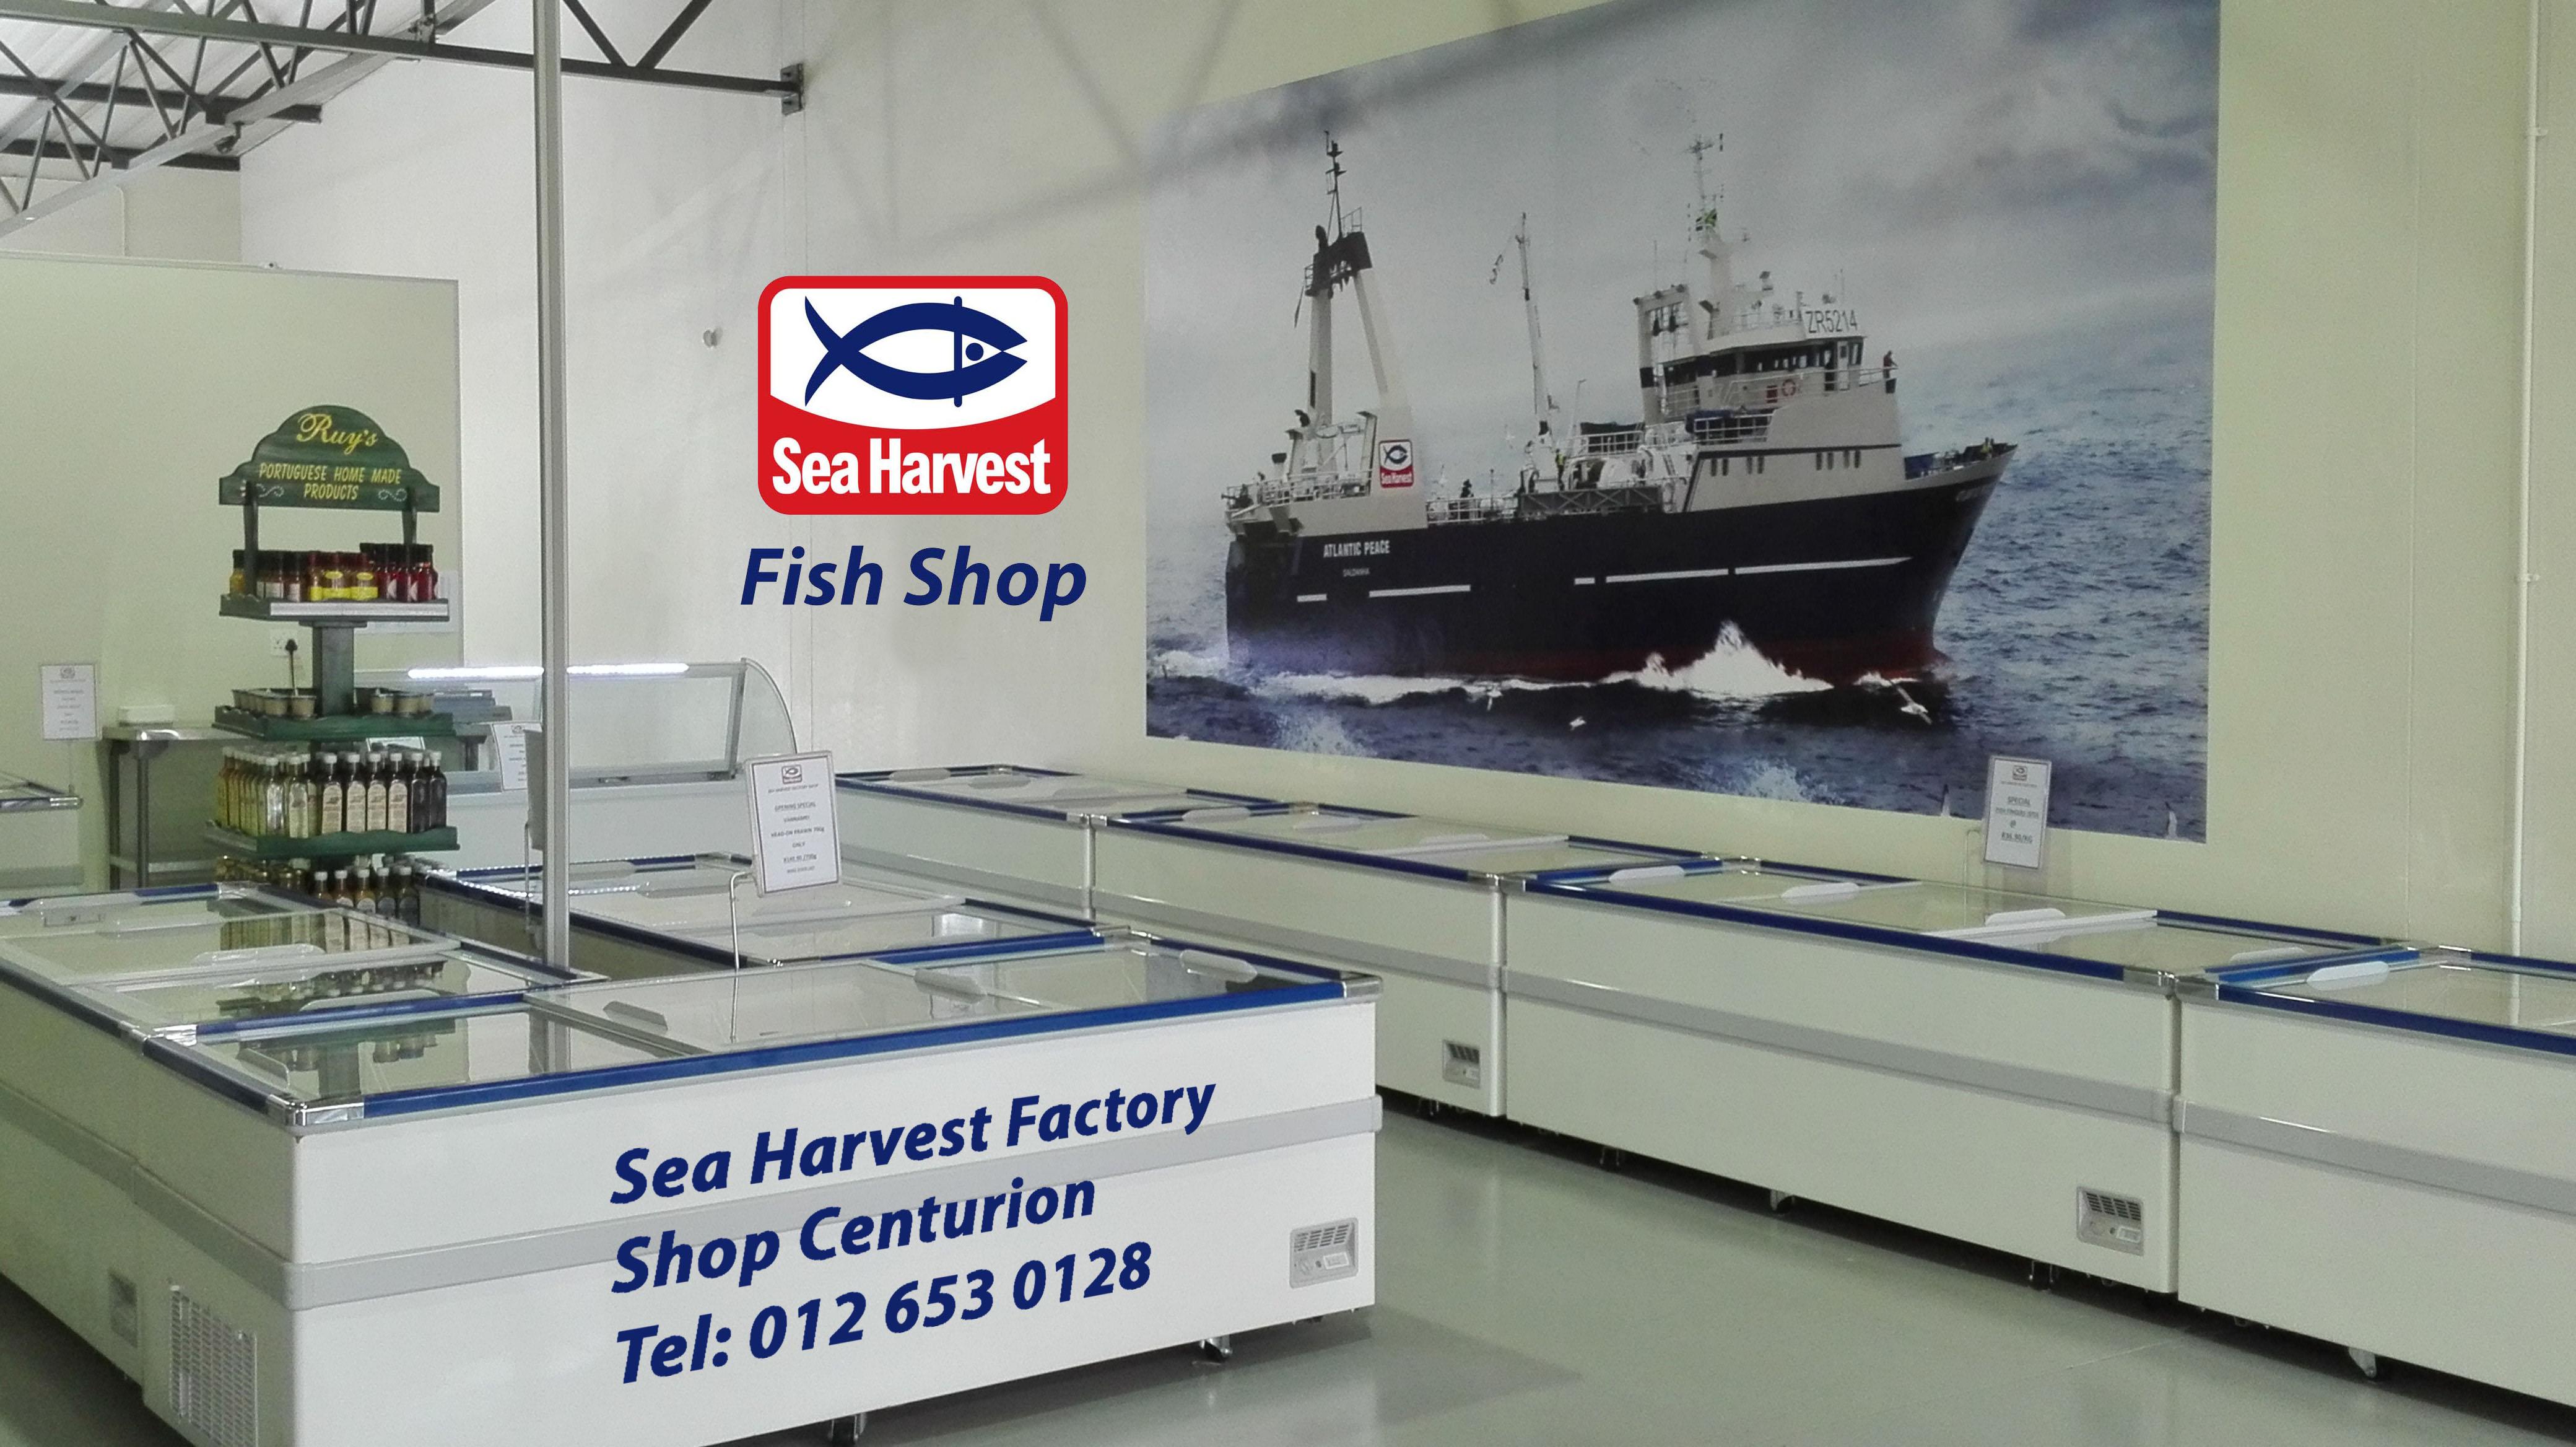 sea harvest fatory